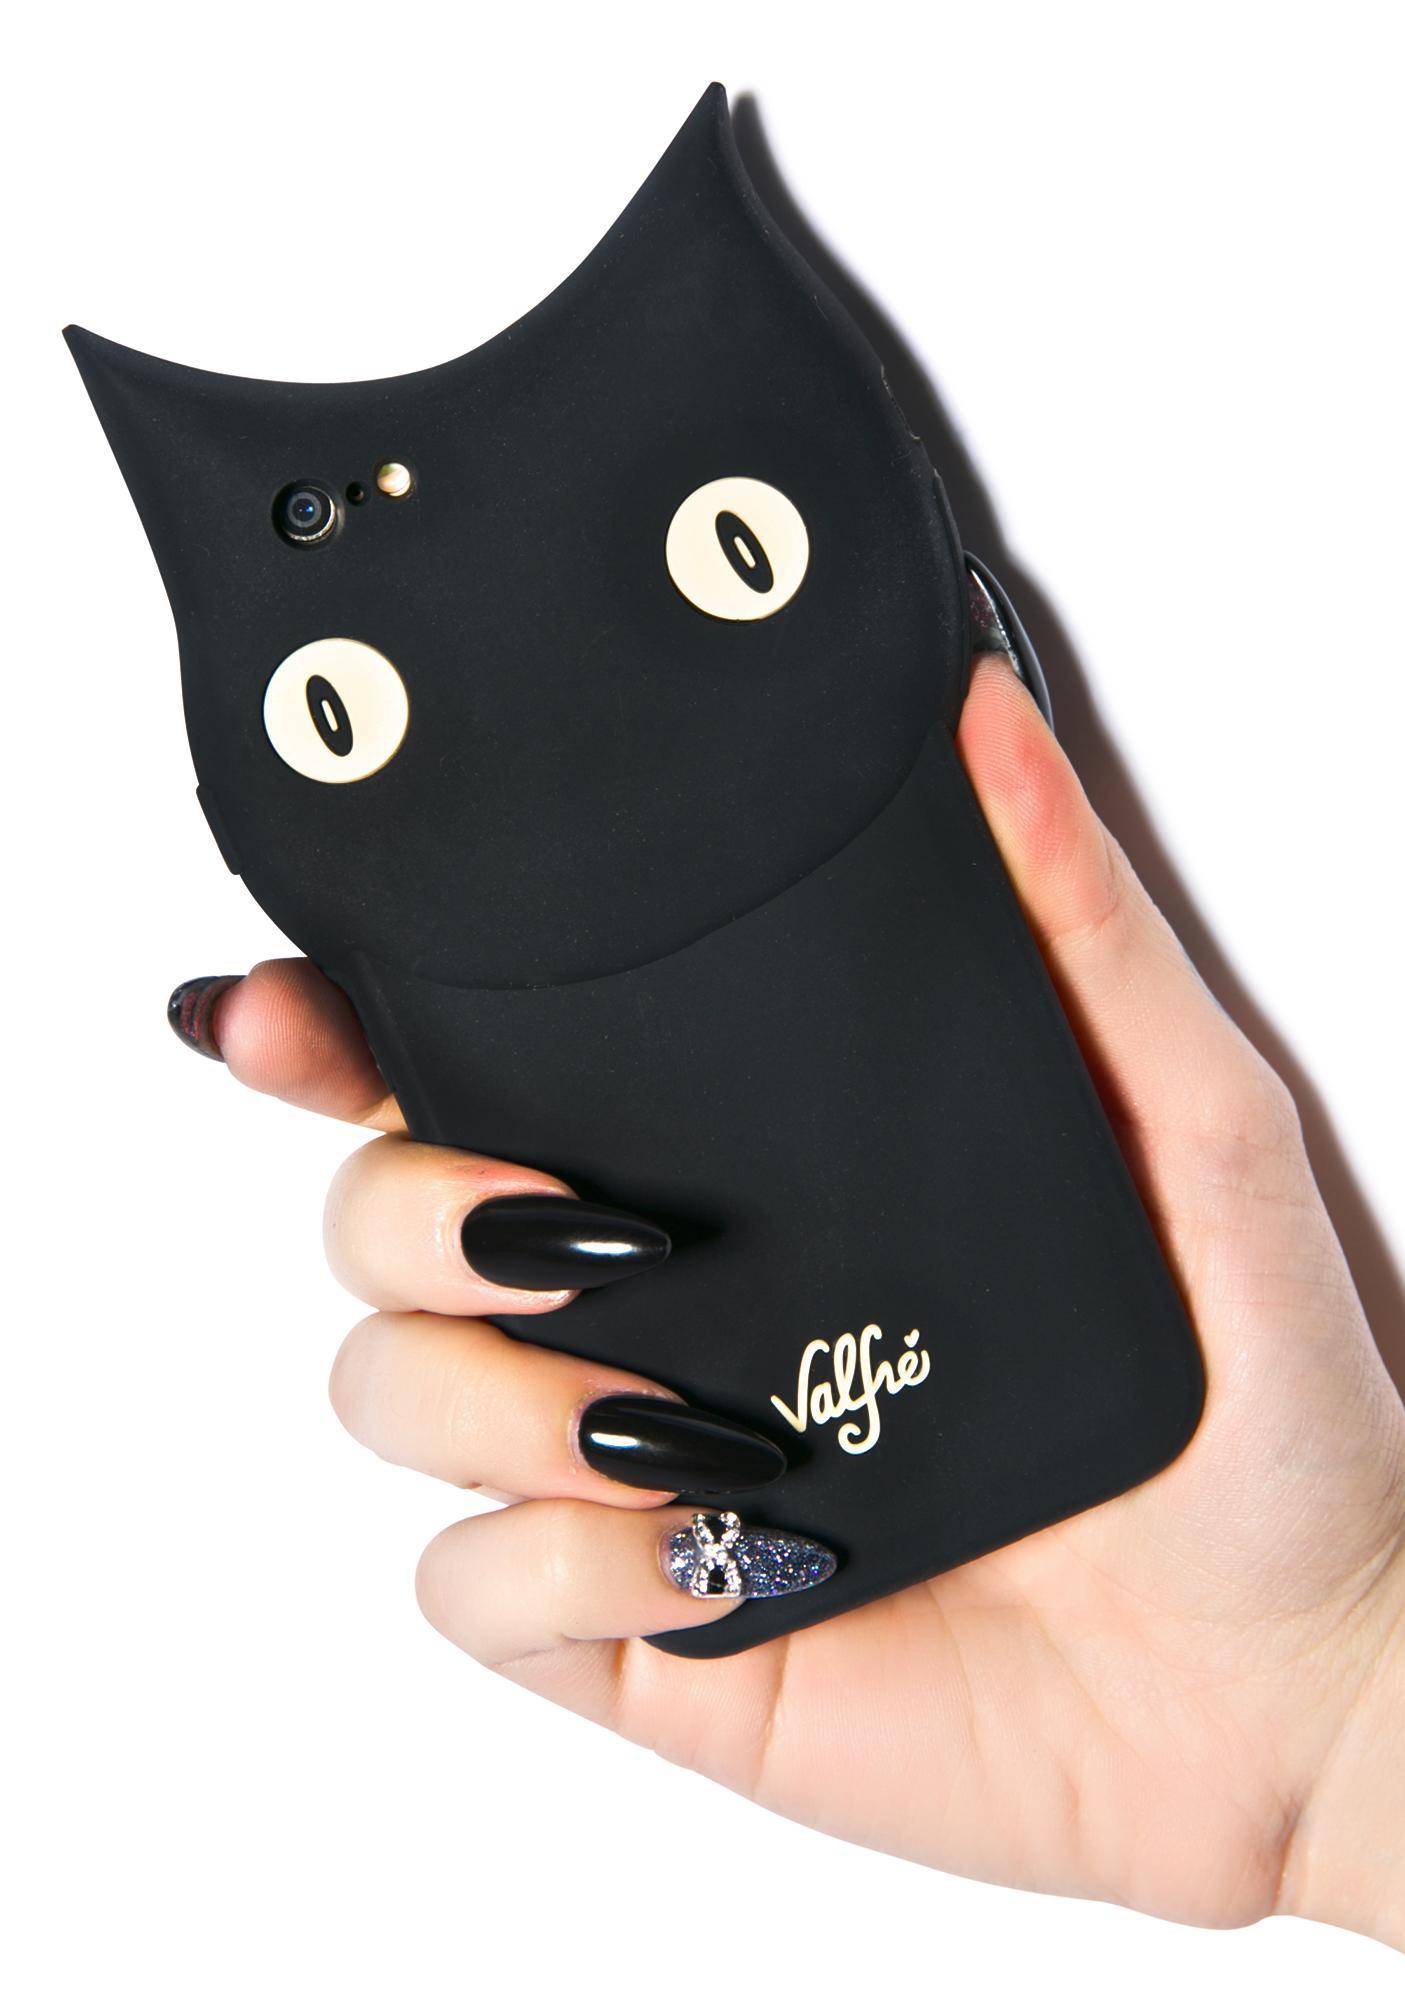 Valfré Bruno The Cat iPhone 6 Case